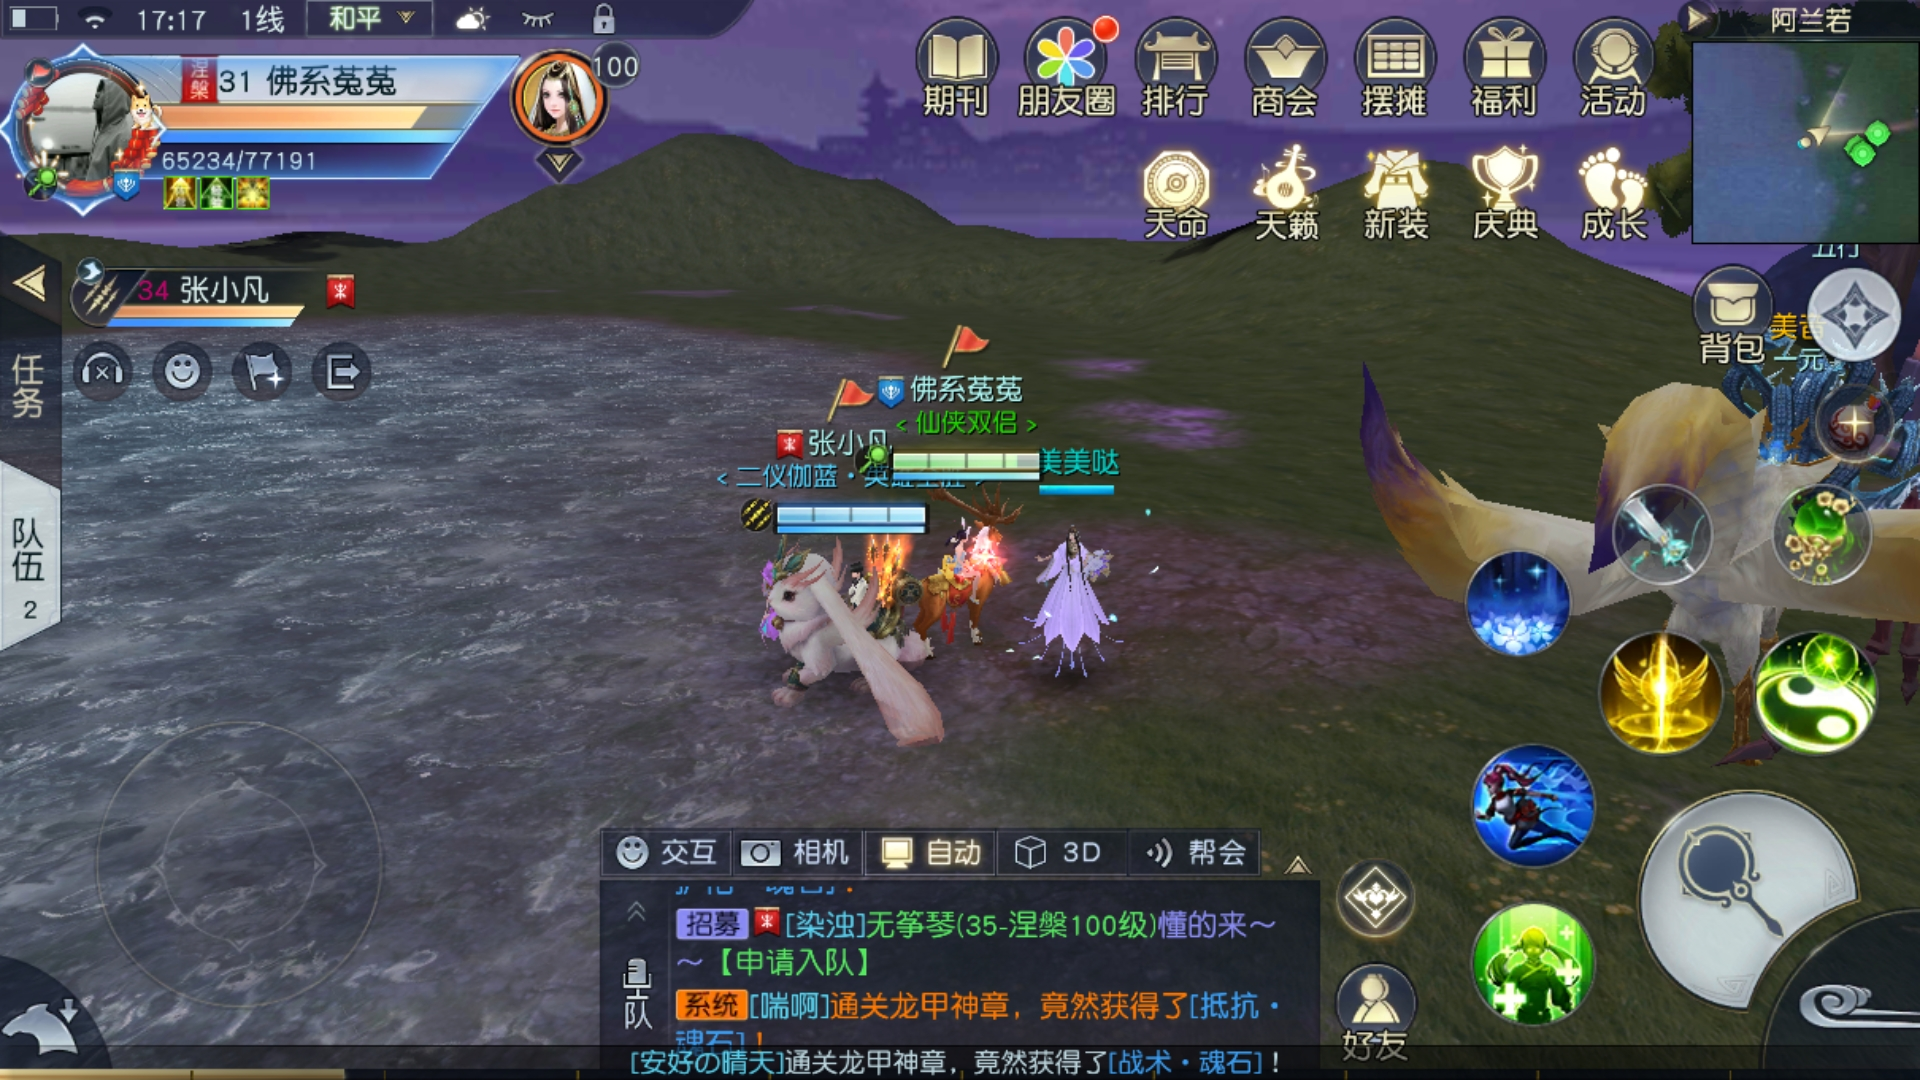 Screenshot_20181031-171754.jpg